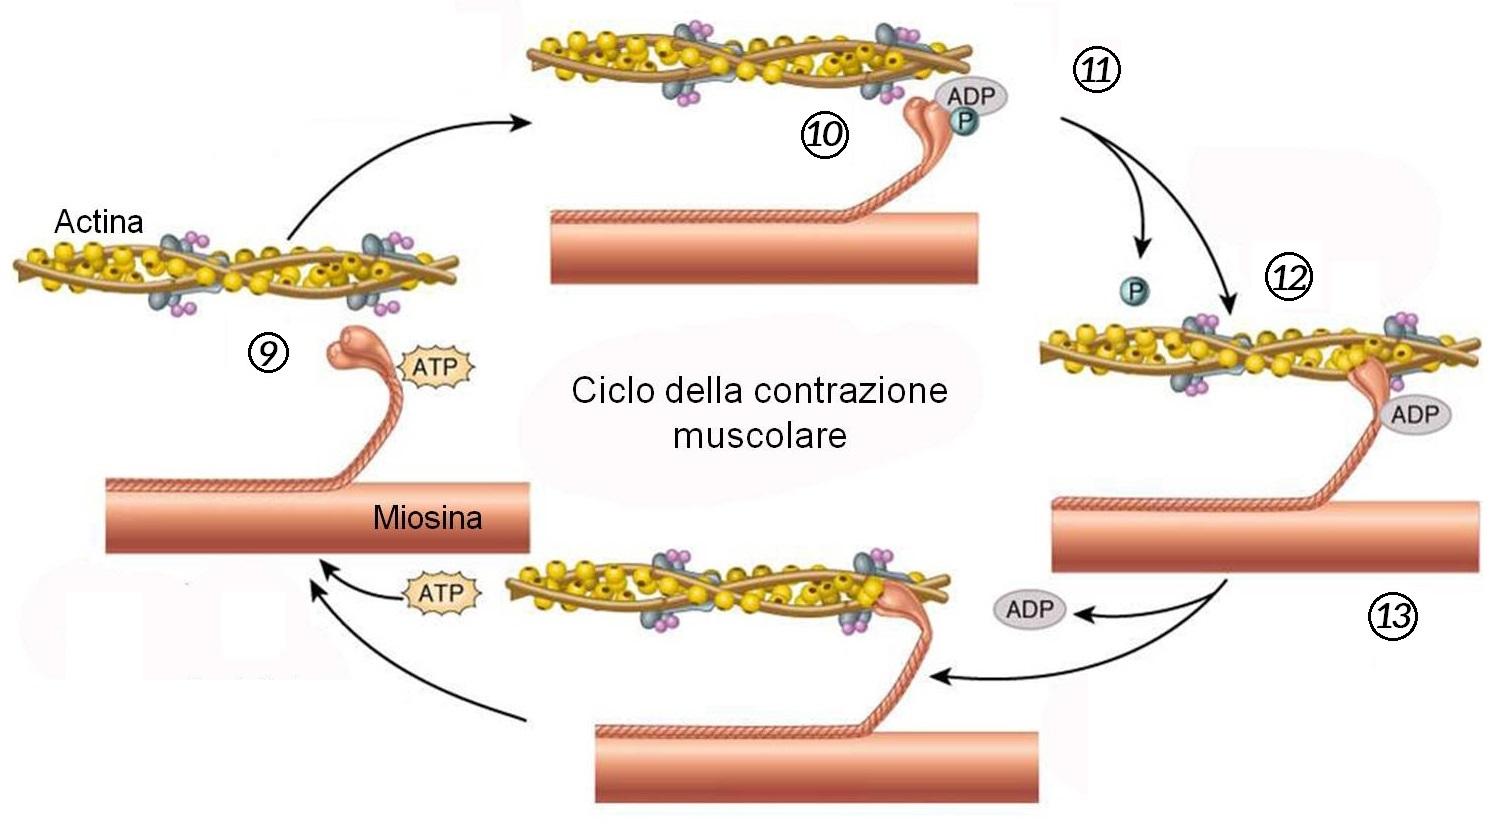 Ciclo della contrazione muscolare